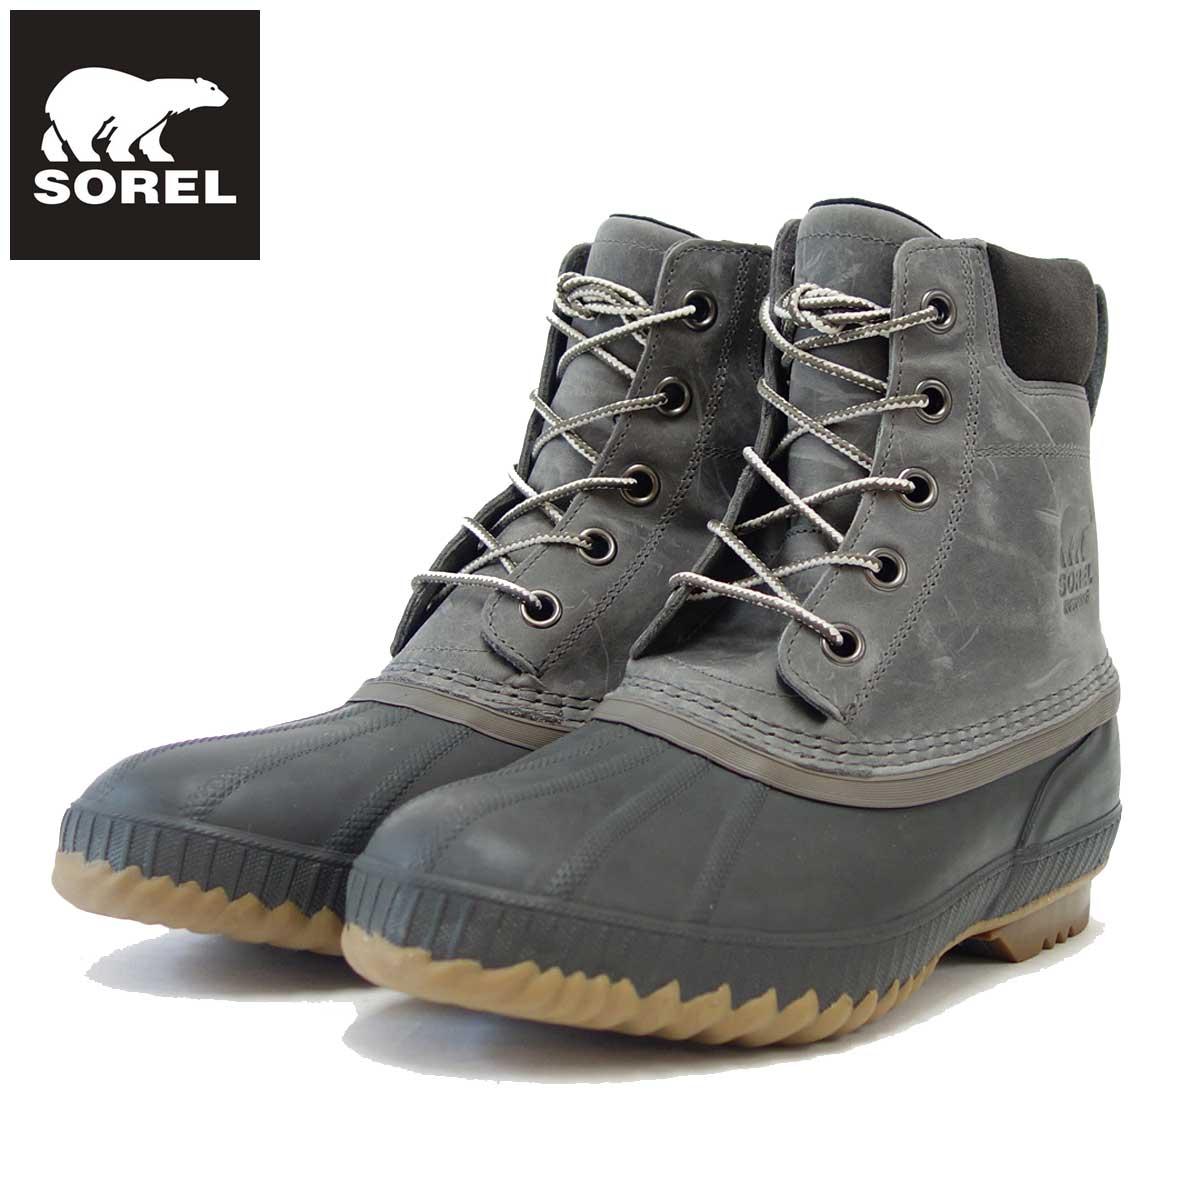 ソレル SOREL NM2575(メンズ)シャイアン 2 :Quarry/Buffalo(052) 保温性・防水性抜群の快適ウィンターブーツ 「靴」